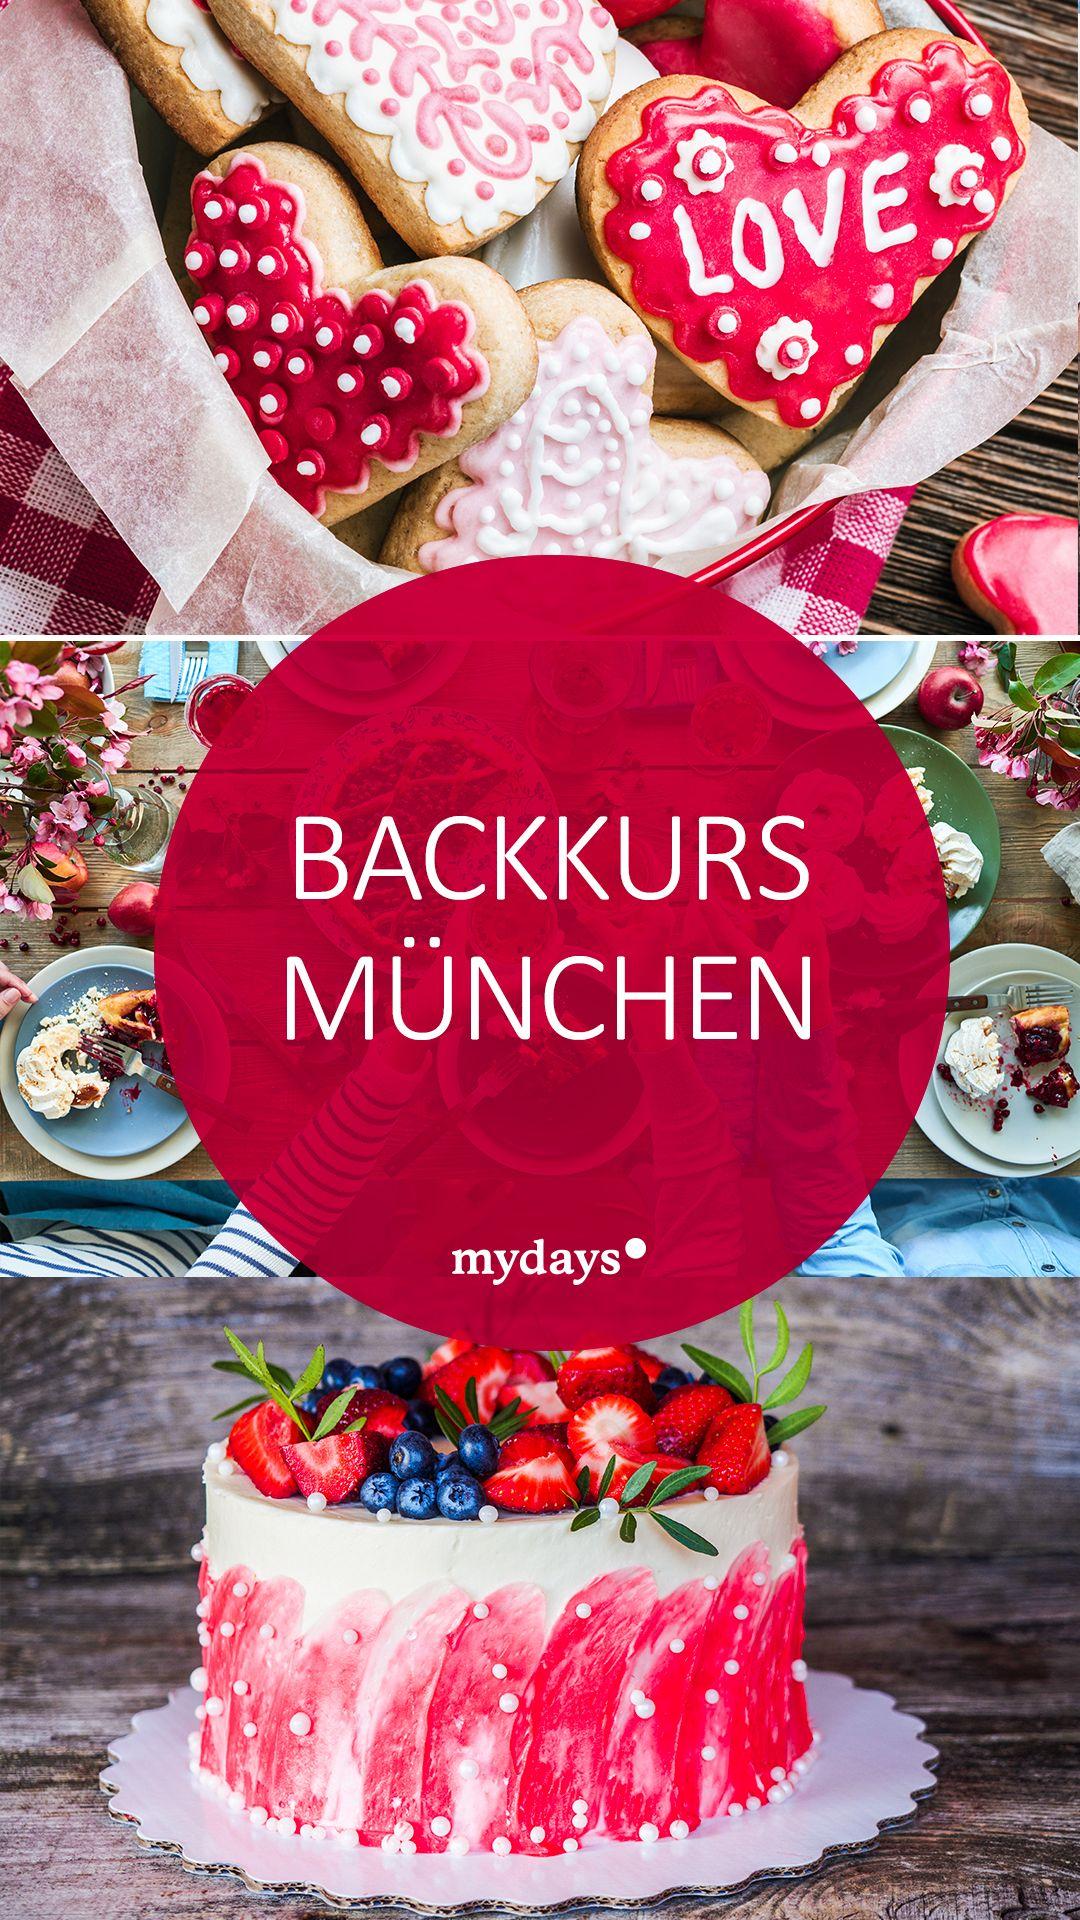 Backkurs Munchen Geschenke Zum Geburtstag Muttertag Geschenk Gute Geschenke